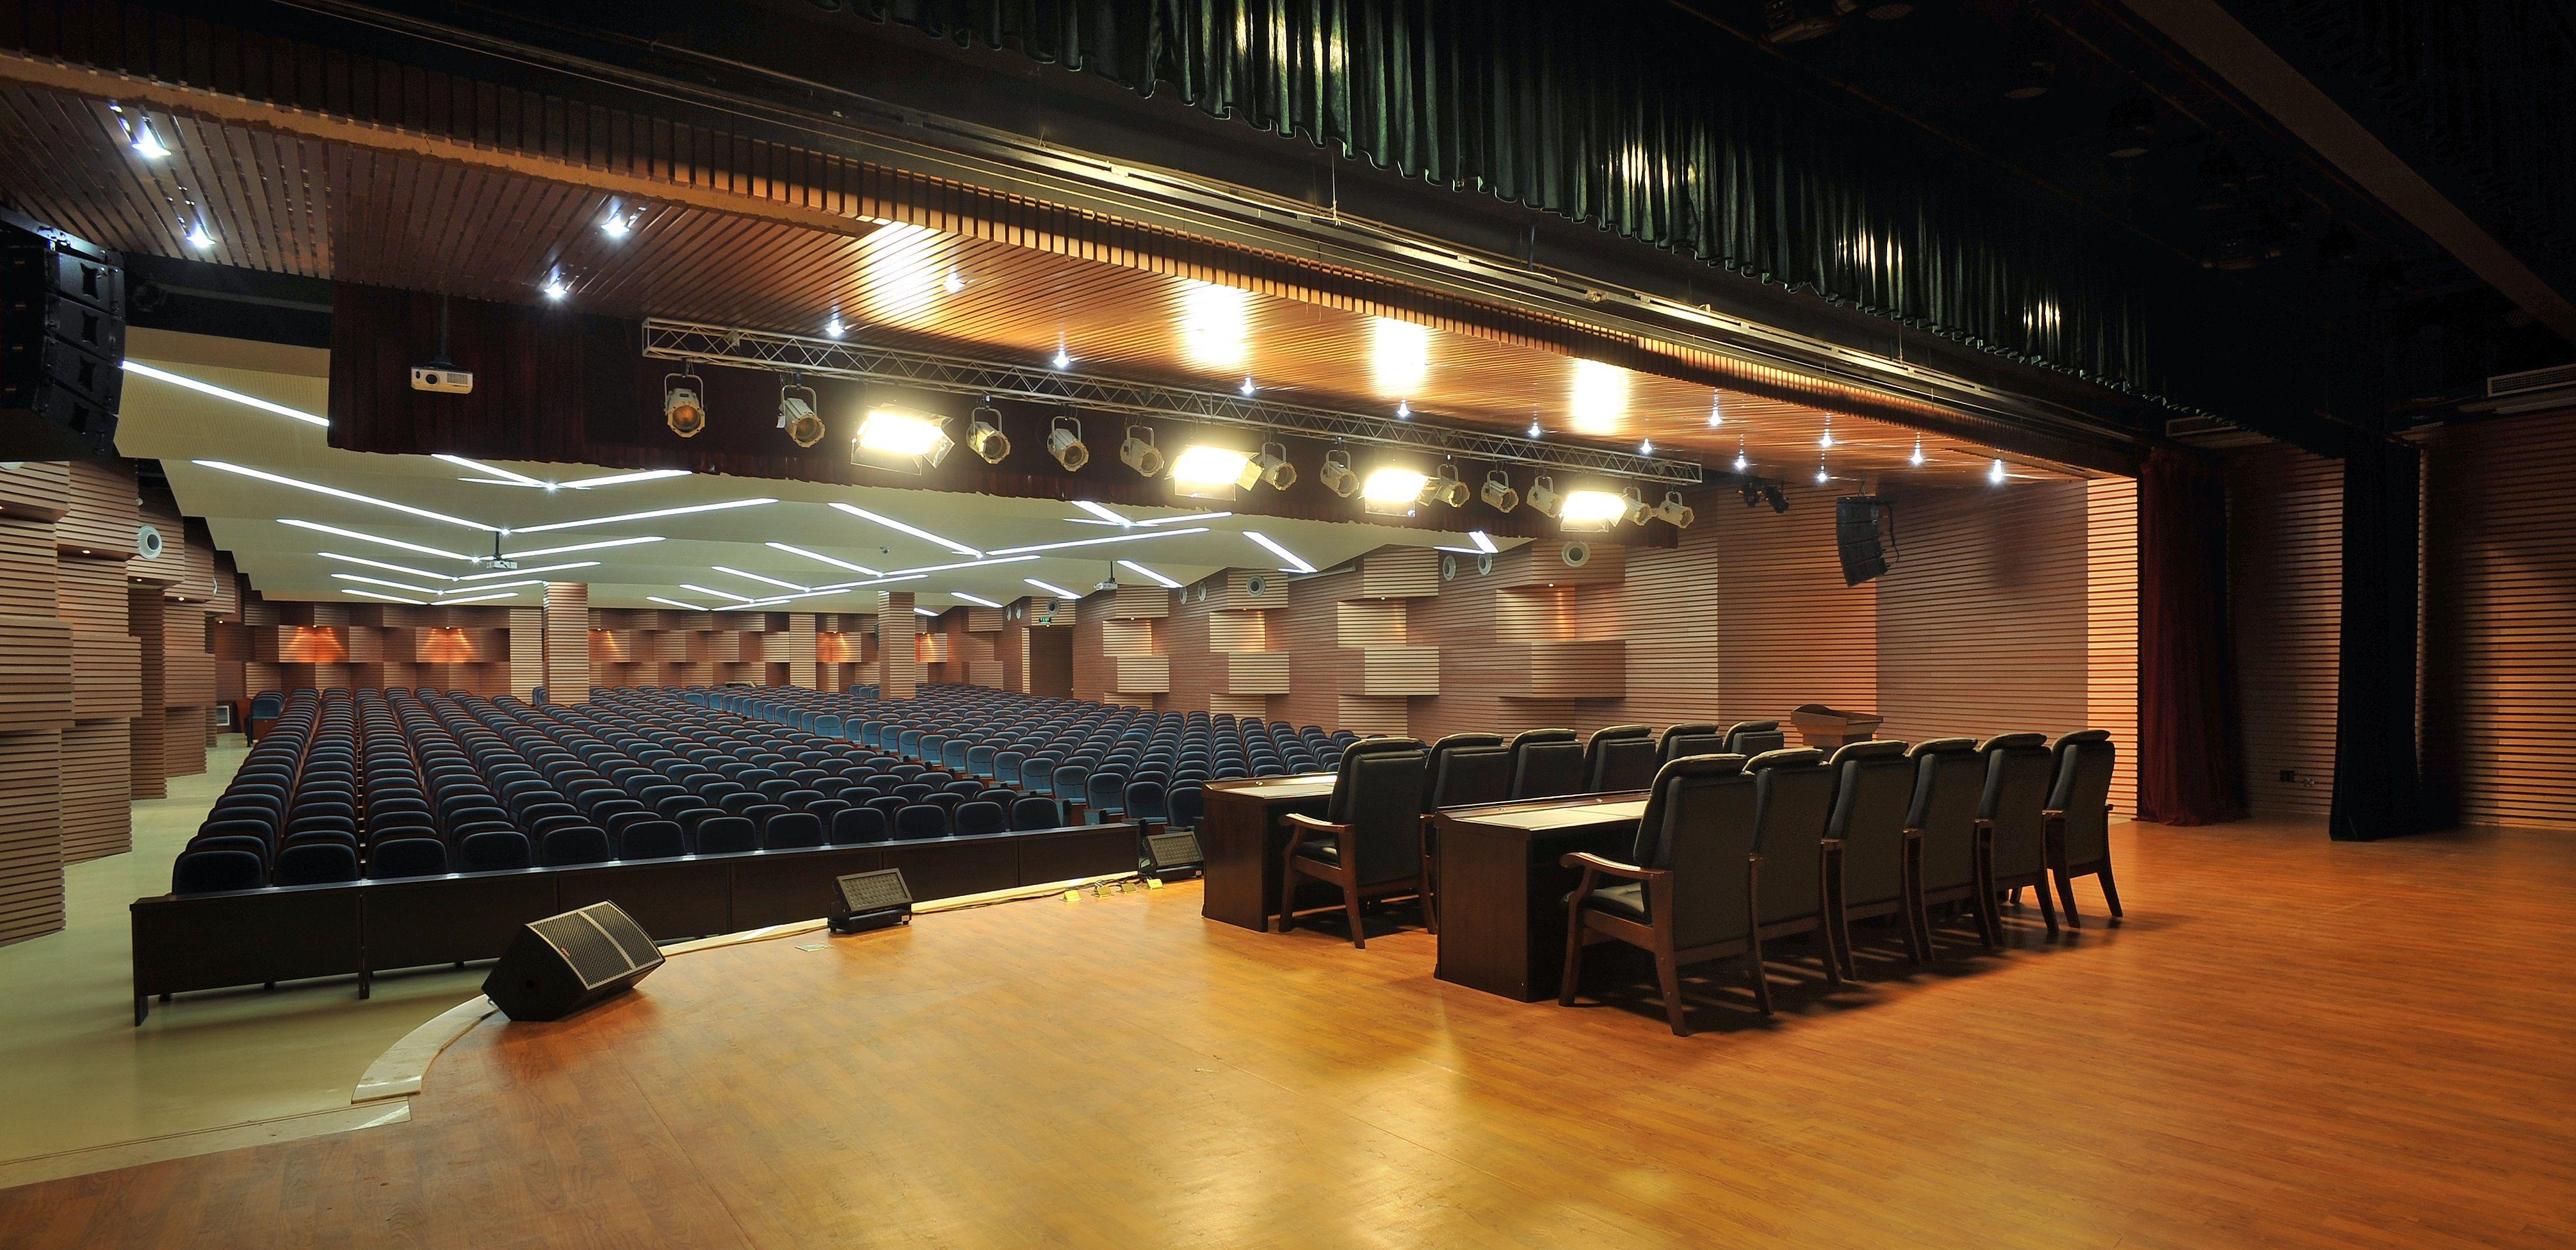 重庆育英小学礼堂 - 文化空间 - 重庆室内设计网_重庆